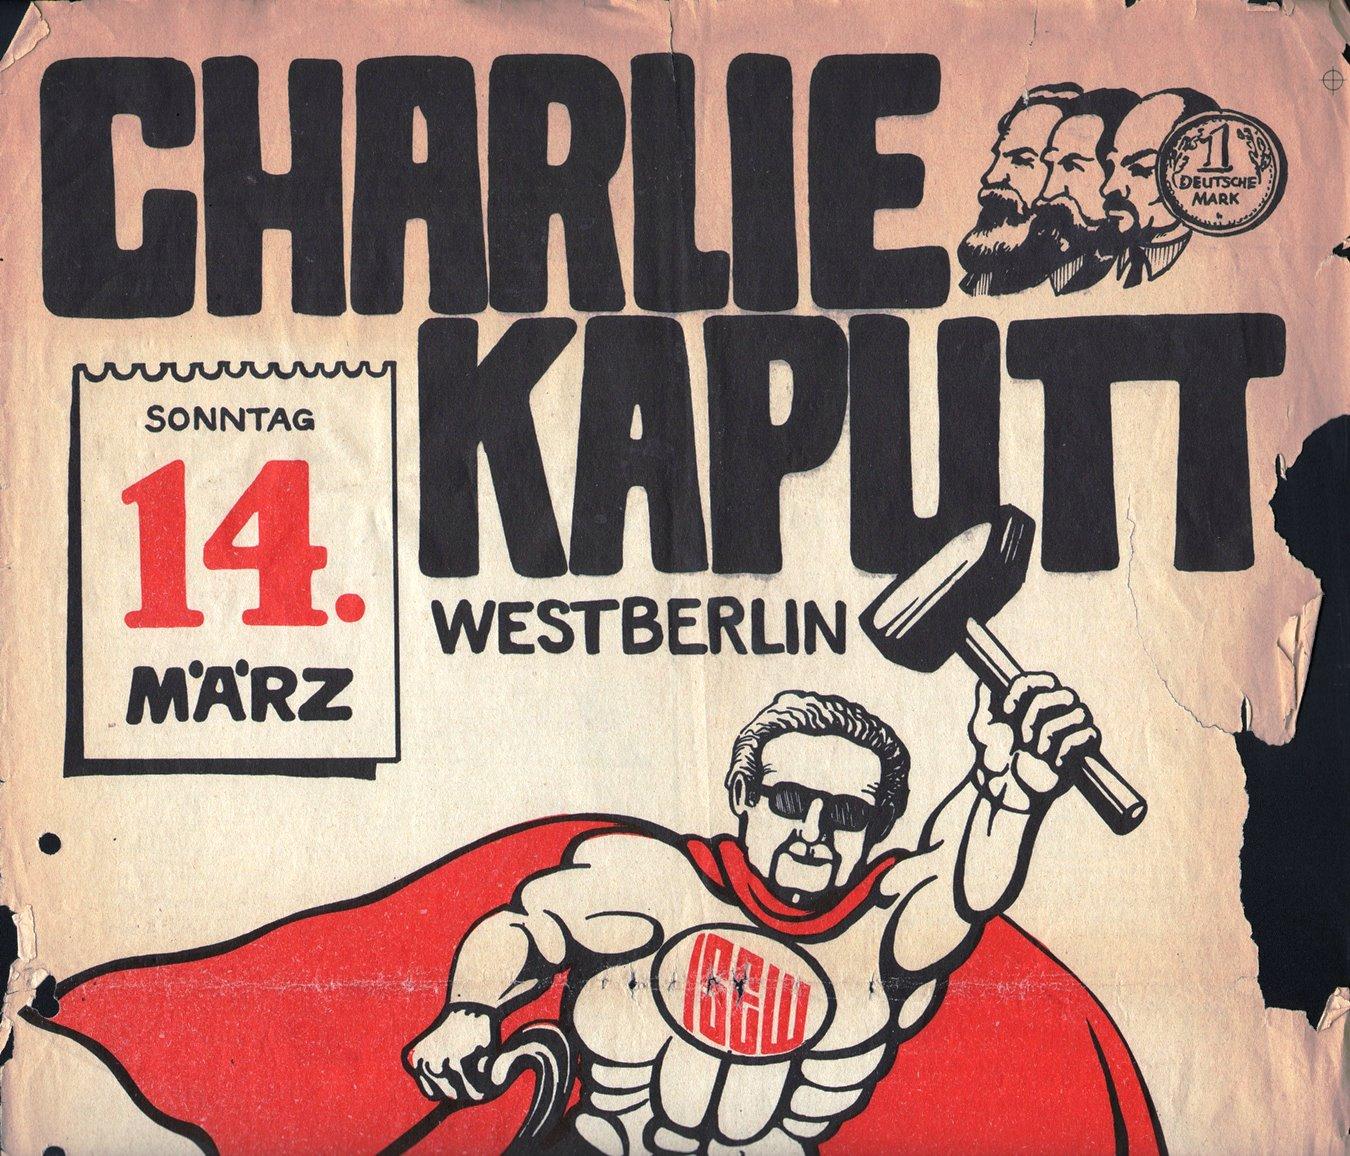 Berlin_Charlie_Kaputt018